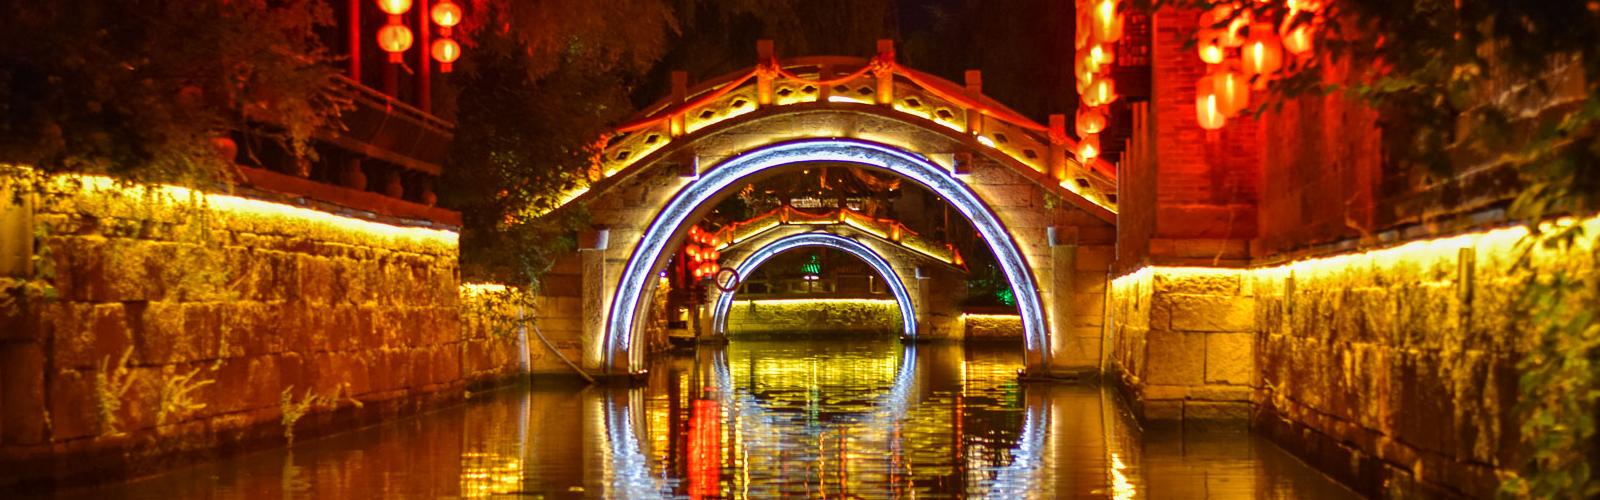 Illuminated bridge in China